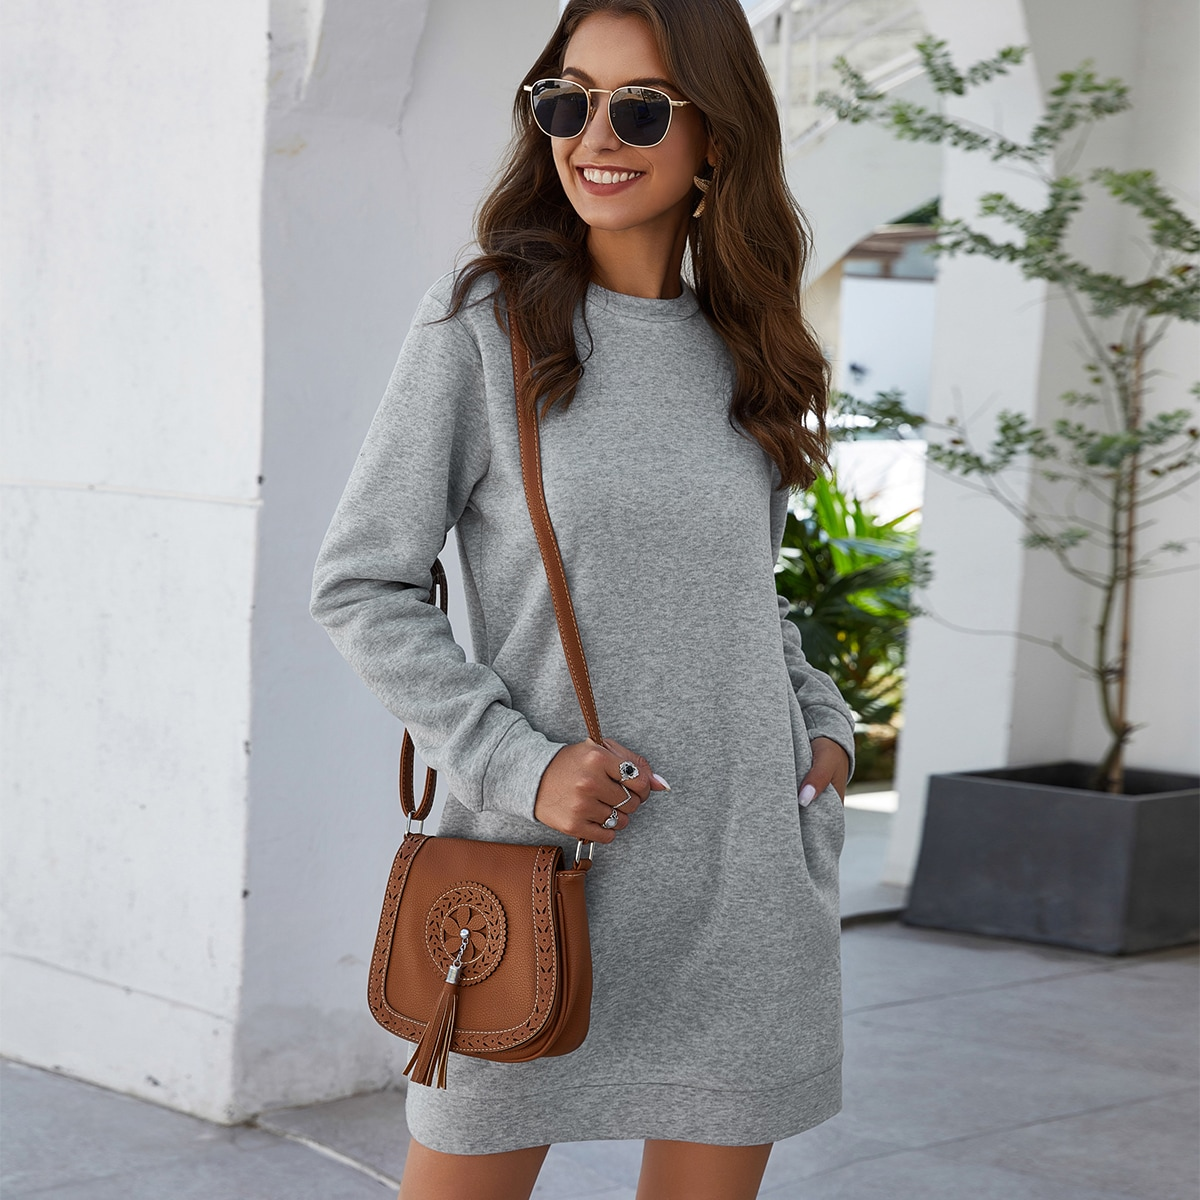 SHEIN / Heather Knit Mini Sweatshirt Dress